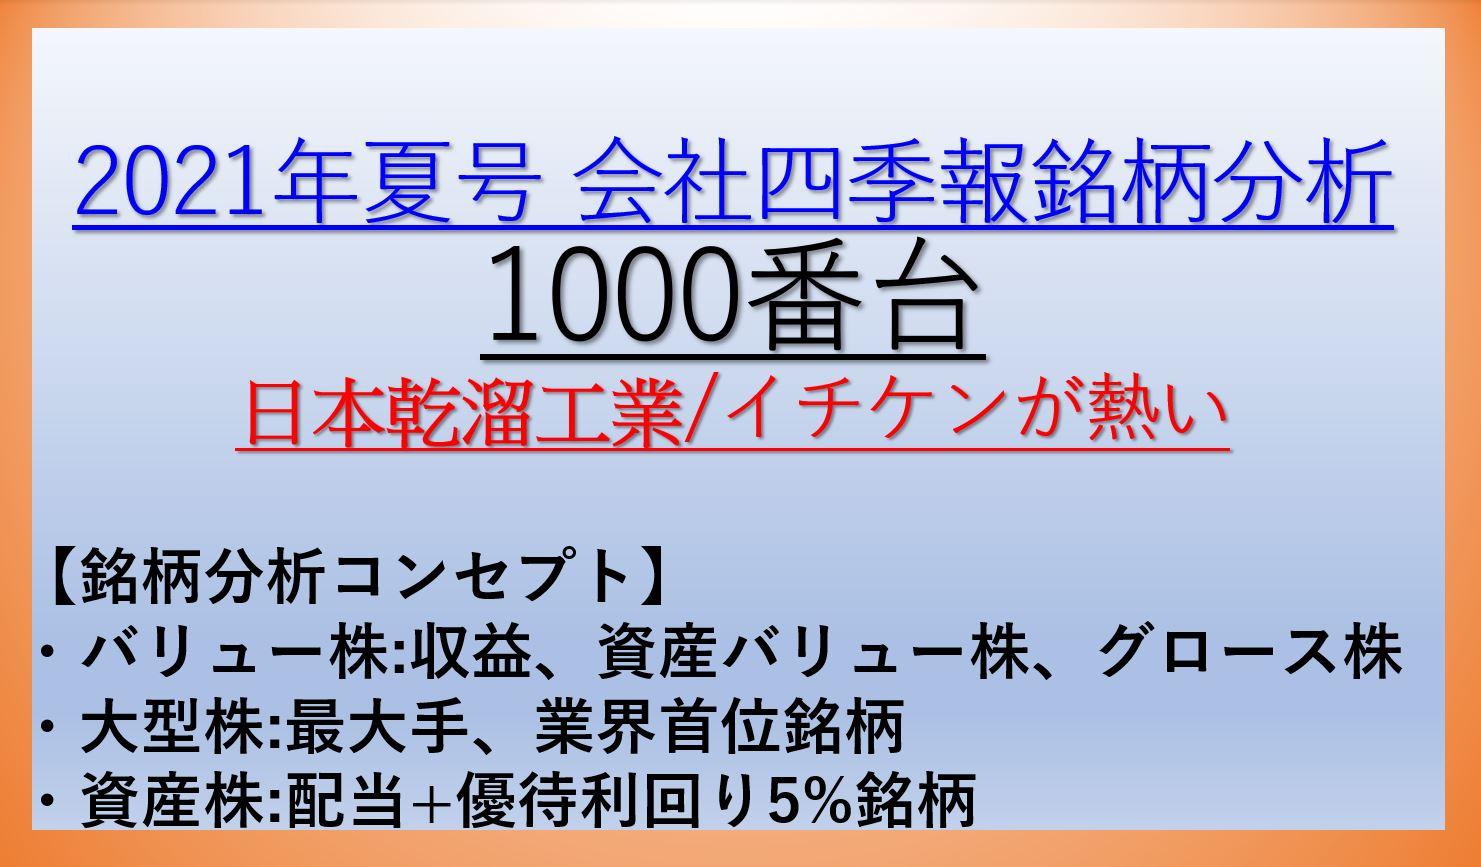 2021年会社四季報夏号銘柄分析-1000番台-バリュー株・資産株・大型株